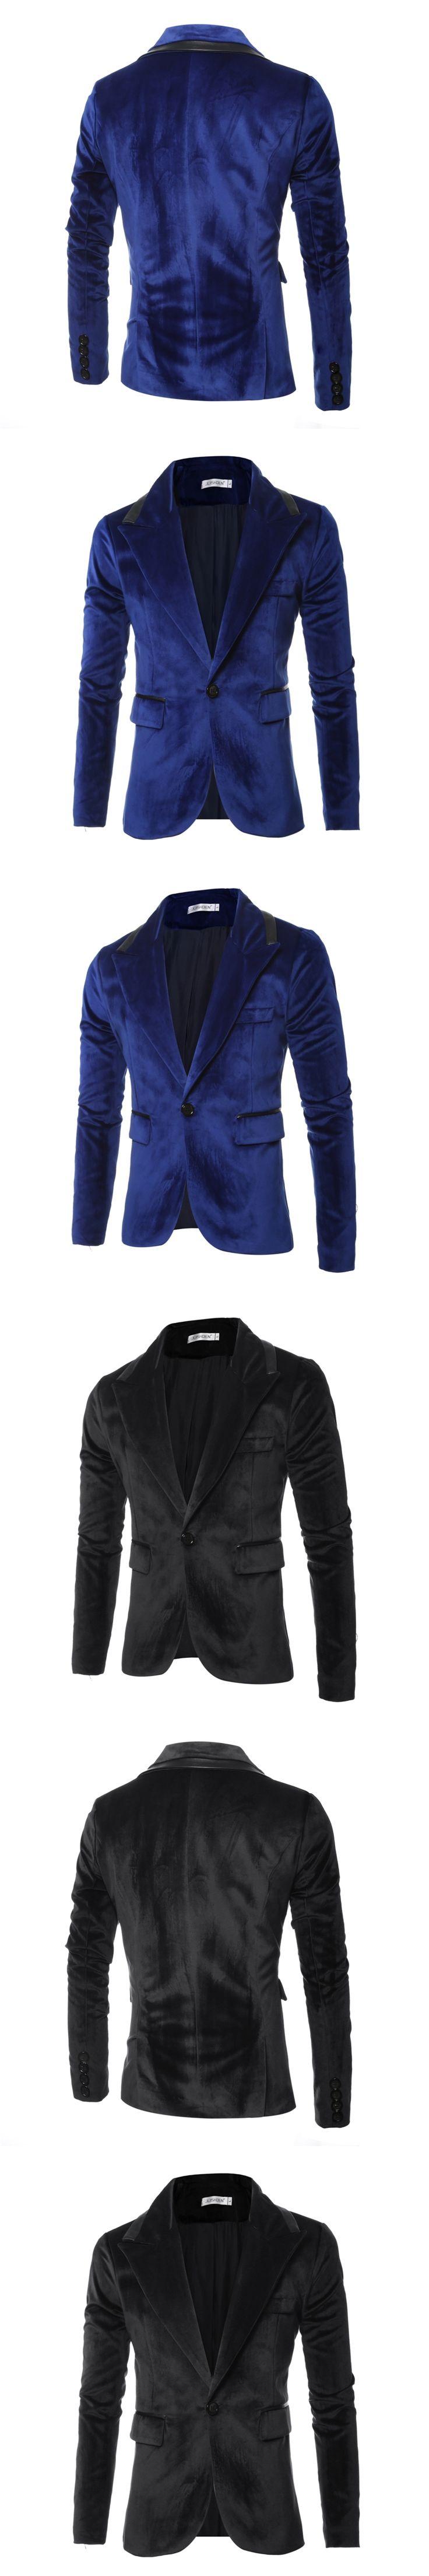 Hot Sale 2017 Mens Blazer Slim Fit Suit Jacket  Velvet Spring Autumn Outwear Coat Suits For Men M~3XL